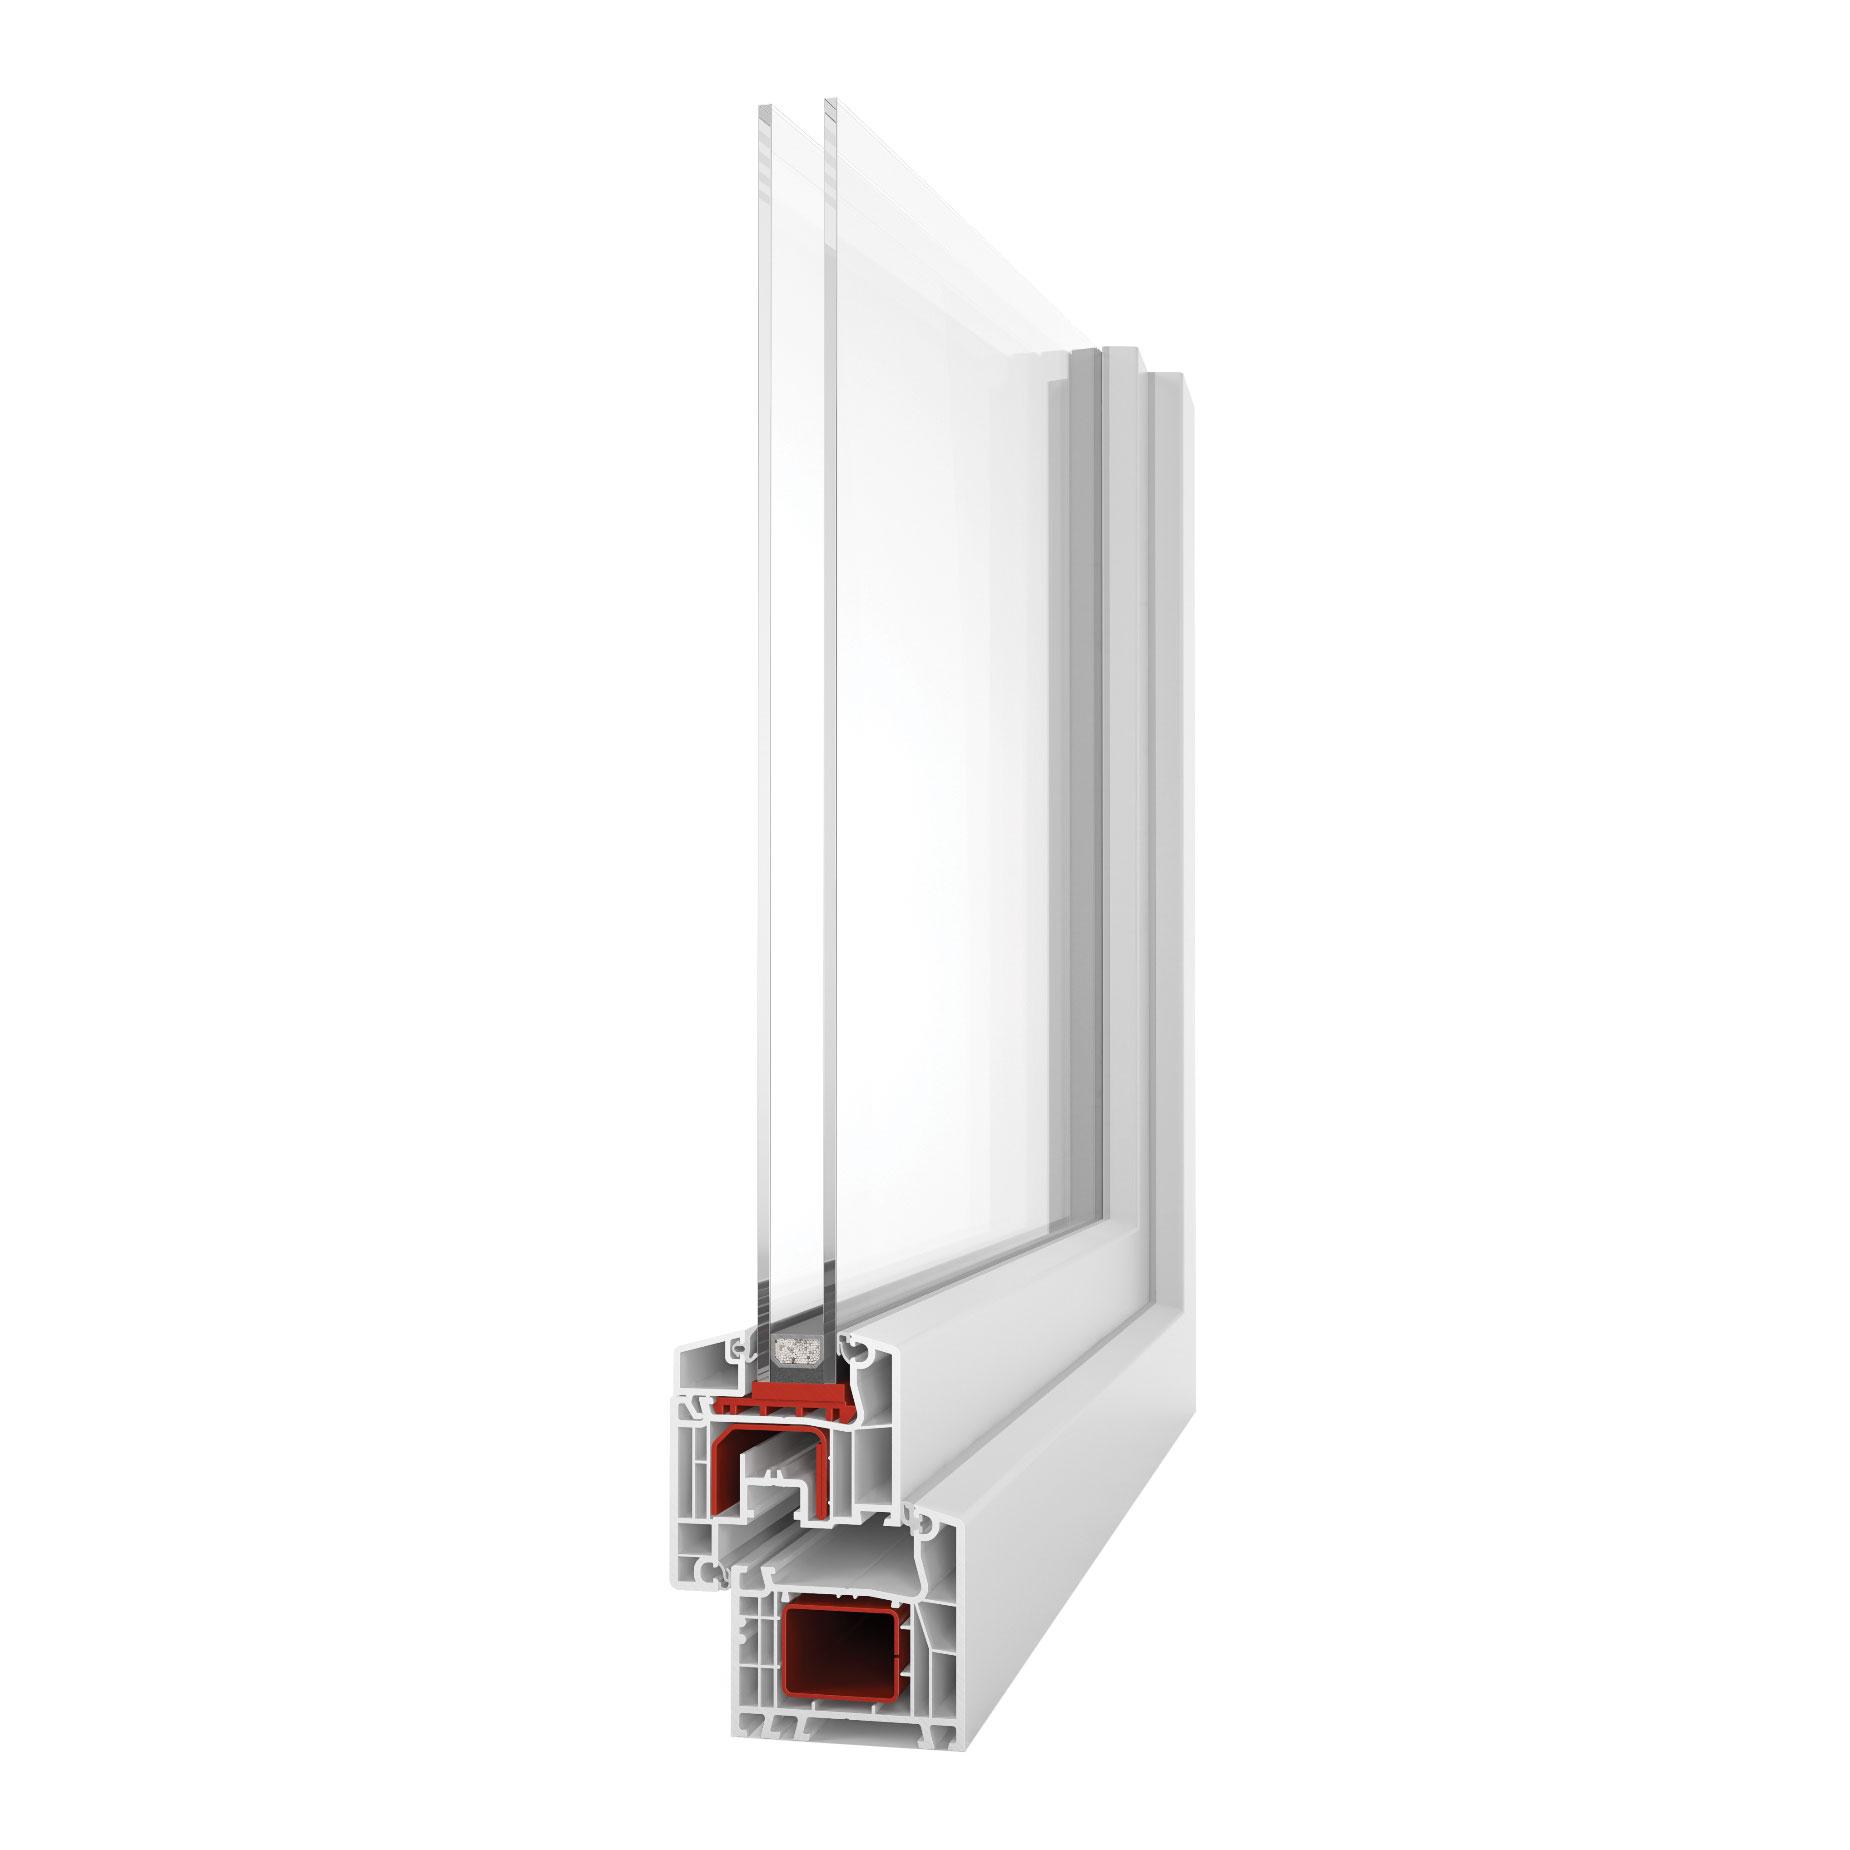 Full Size of Pvc Fenster Kunststoff Streichen Kann Man Freie Fensterfolie Reinigen Kaufen Maschine Online Fensterleisten 1 Mm Sichtschutz Für Günstig Austauschen Maße Fenster Pvc Fenster